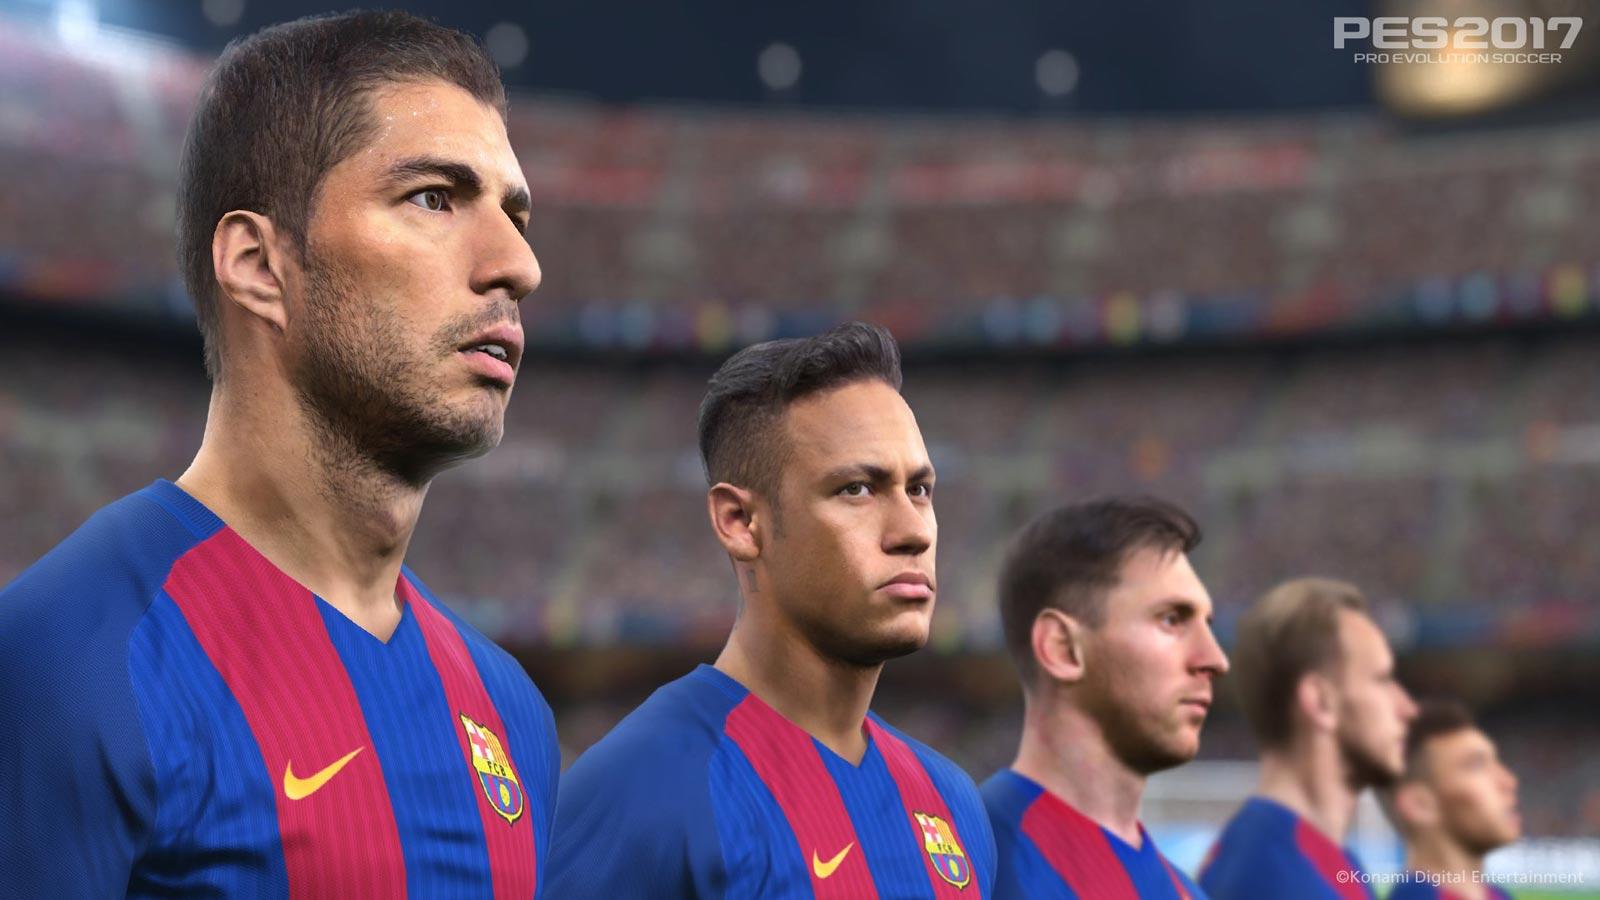 Pro evolution soccer 2017 скачать на пк.